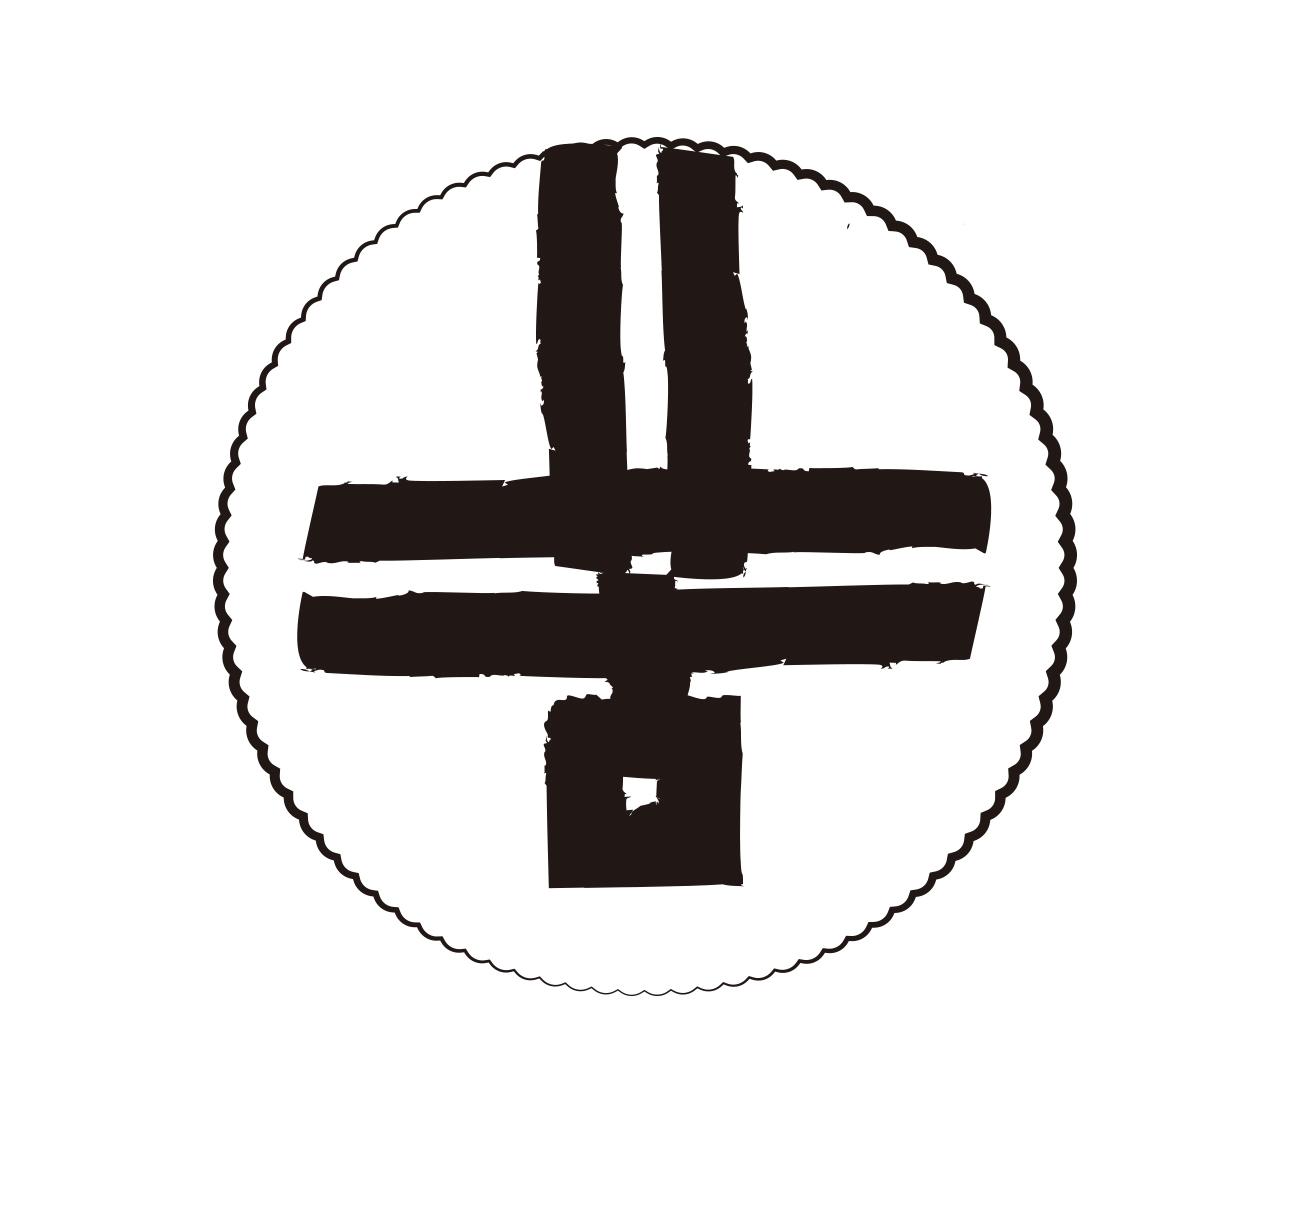 岳昕 1981年考入中央工艺美术学院 装潢系 1985年本科毕业,同年留校任教 2003年至今任北京元隆雅图文化传播股份有限公司 艺术总监 2008年奥运官方海报设计组成员 清华大学美术学院外聘教师 北京服装学院外聘教授  独自完成设计的主要项目: 一、中国移动通信(CHINA MOBILE)标志的设计和它的企业整体视觉系统设计,包括营销视觉系统、服务品牌神州行的形象设计 二、中国南方航空(CHINA SOUTHERN)的整体视觉系统设计(包括对标志的调整、规范) 三、中国首都博物馆(CAPITAL